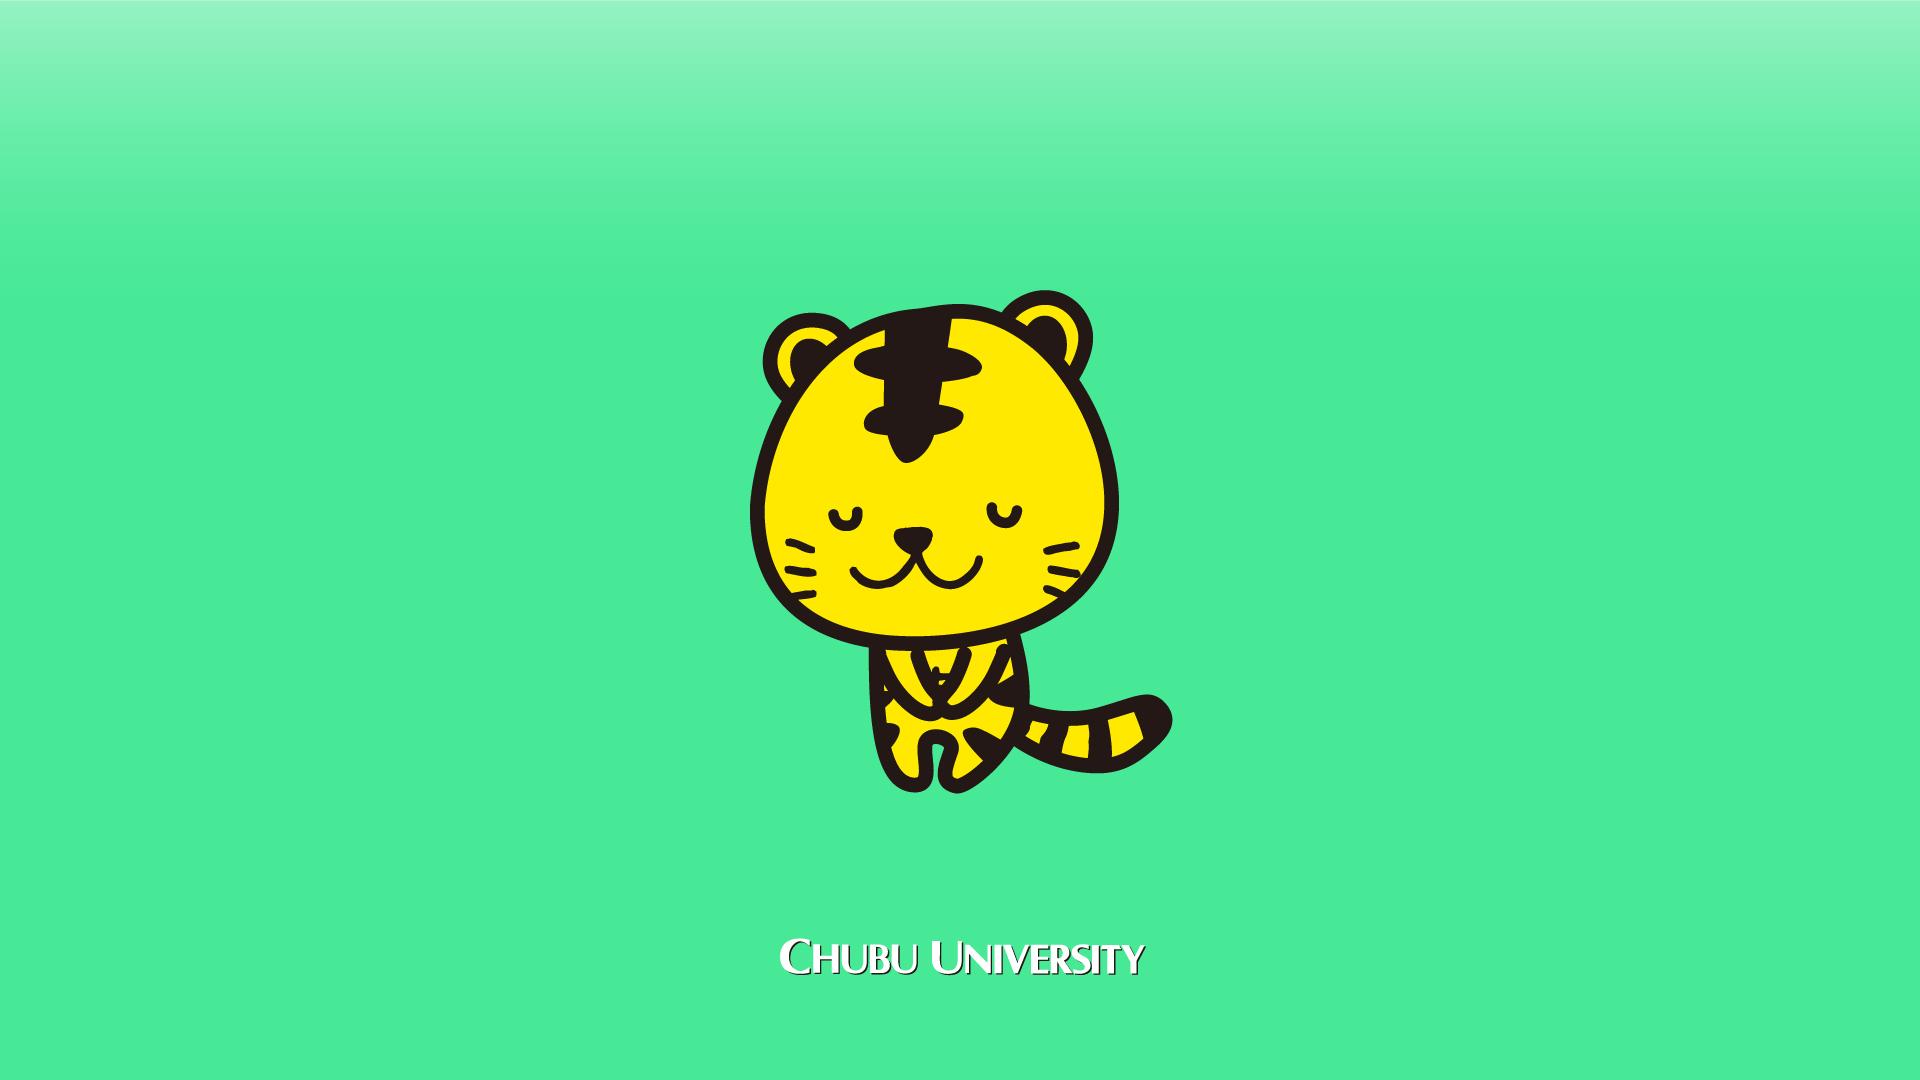 ちゅとらの壁紙 Monthly Chubu 中部大学